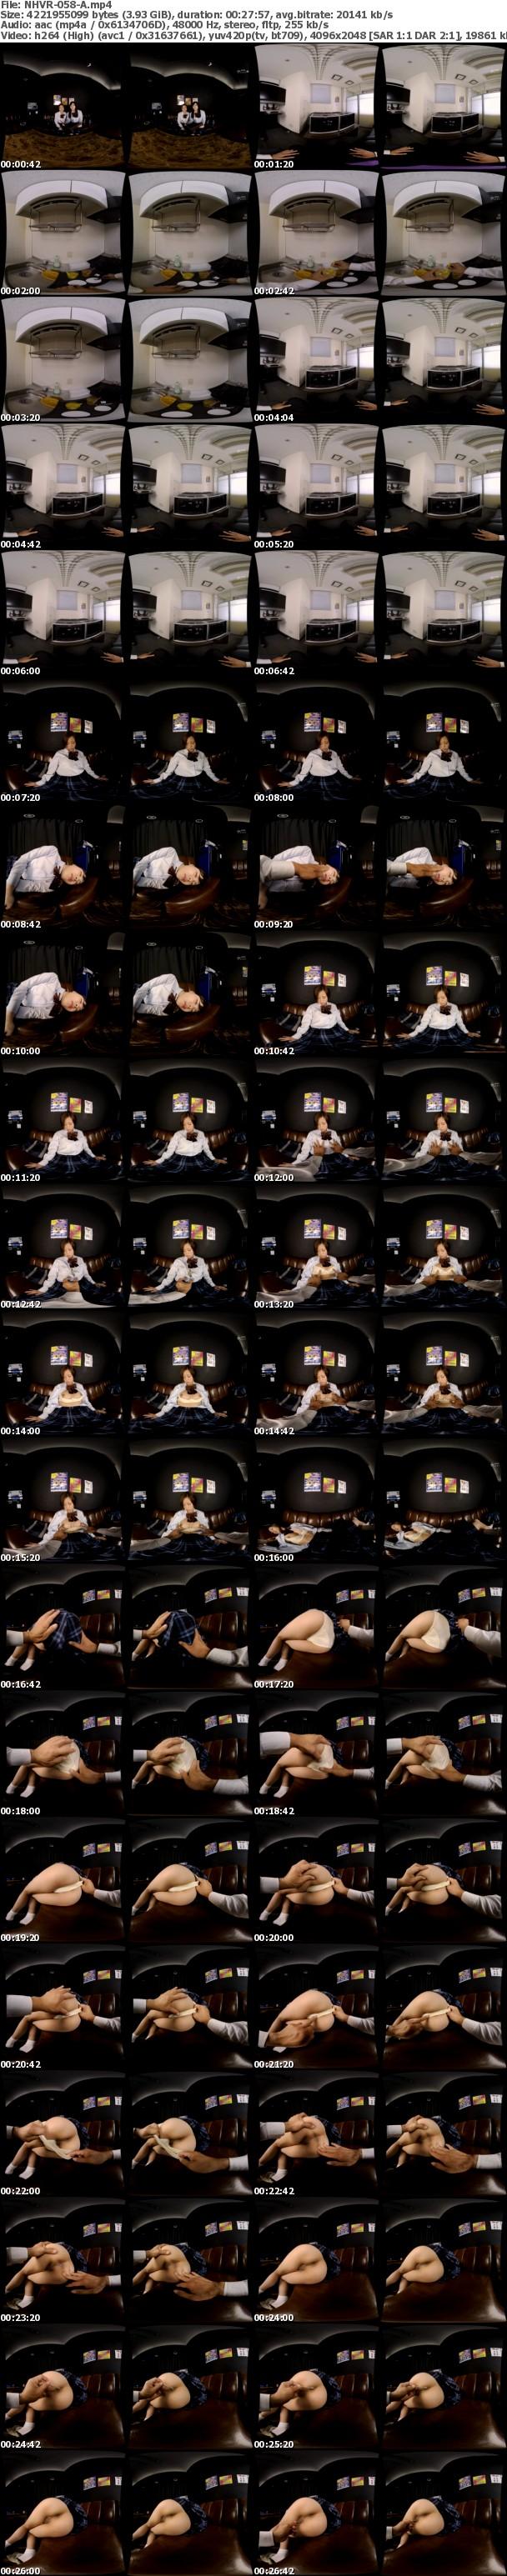 (VR) NHVR-058 眠剤痴漢 VR カラオケBOXで見つけた女子○生2人組を犯りまくれ!